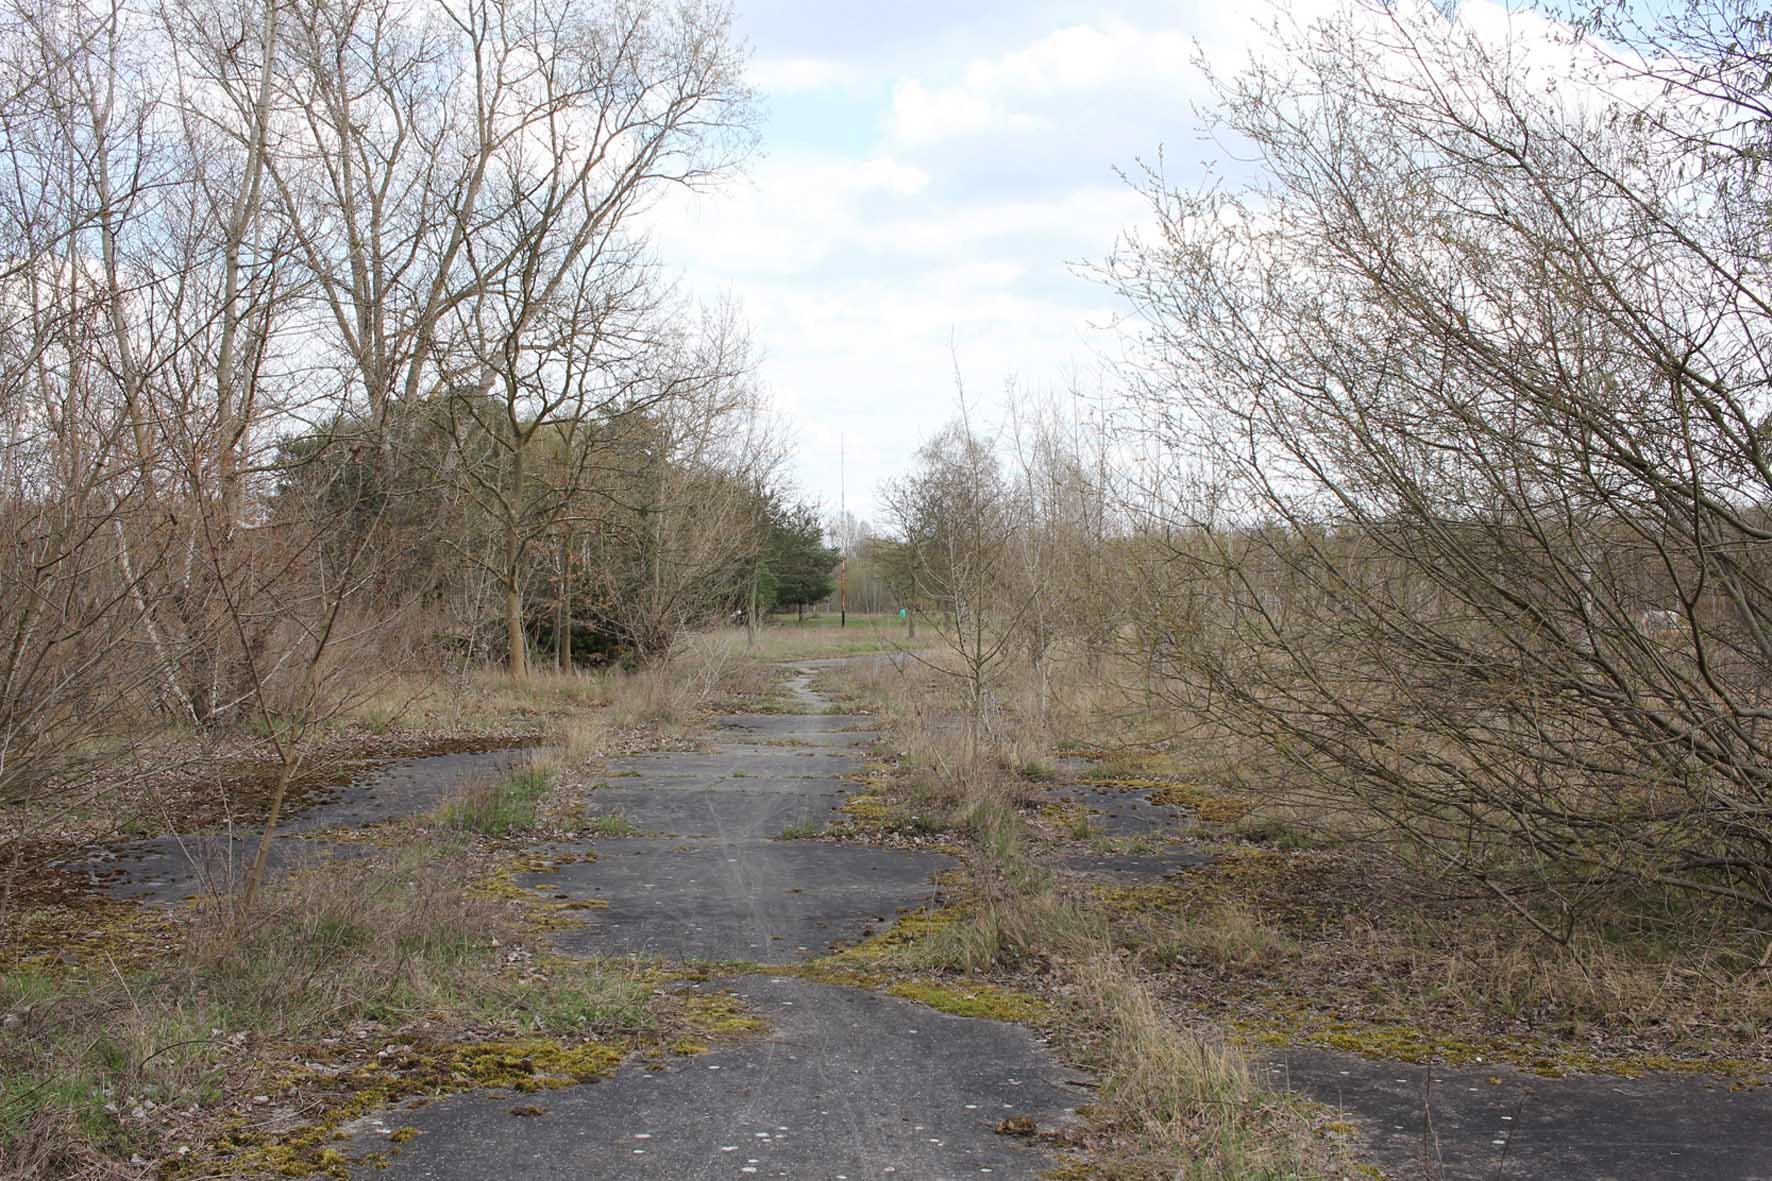 Betonstrasse am Parks Range und Doughboy City - ein ehemaliger Truppenübungsplatz der US Army Berlin Brigade